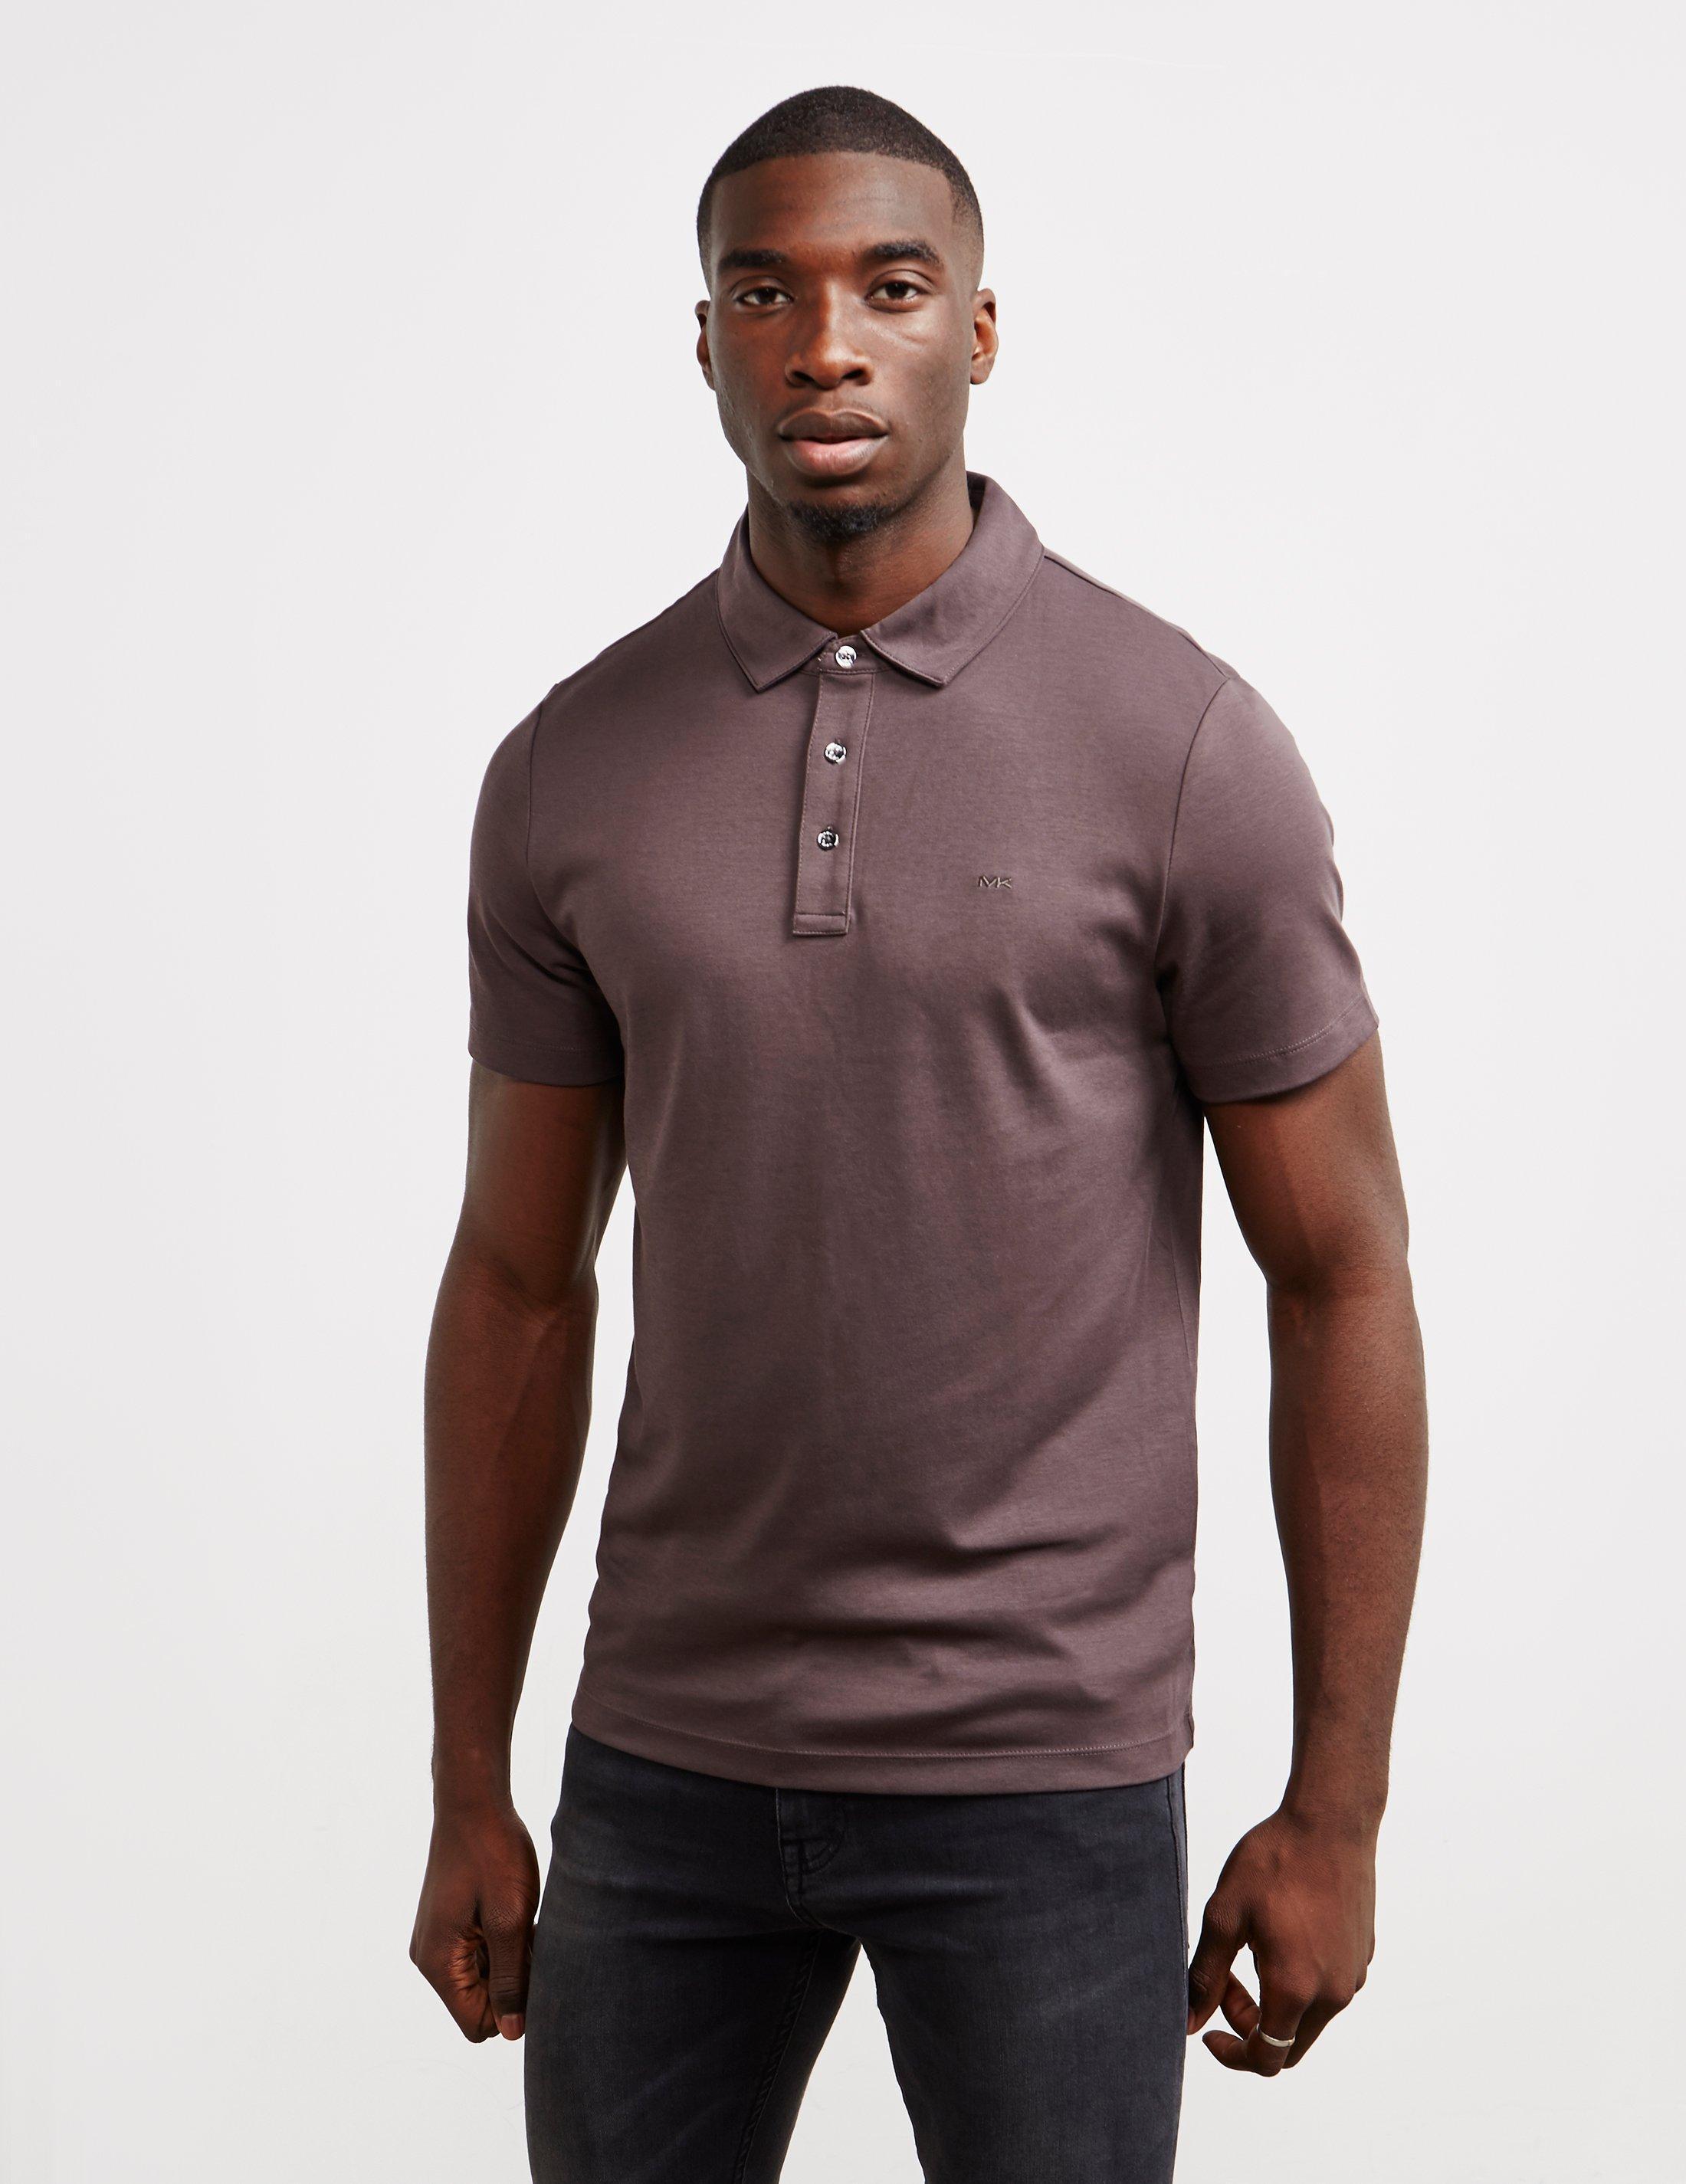 d645d7a11 Lyst - Michael Kors Sleek Short Sleeve Polo Shirt Grey in Gray for Men